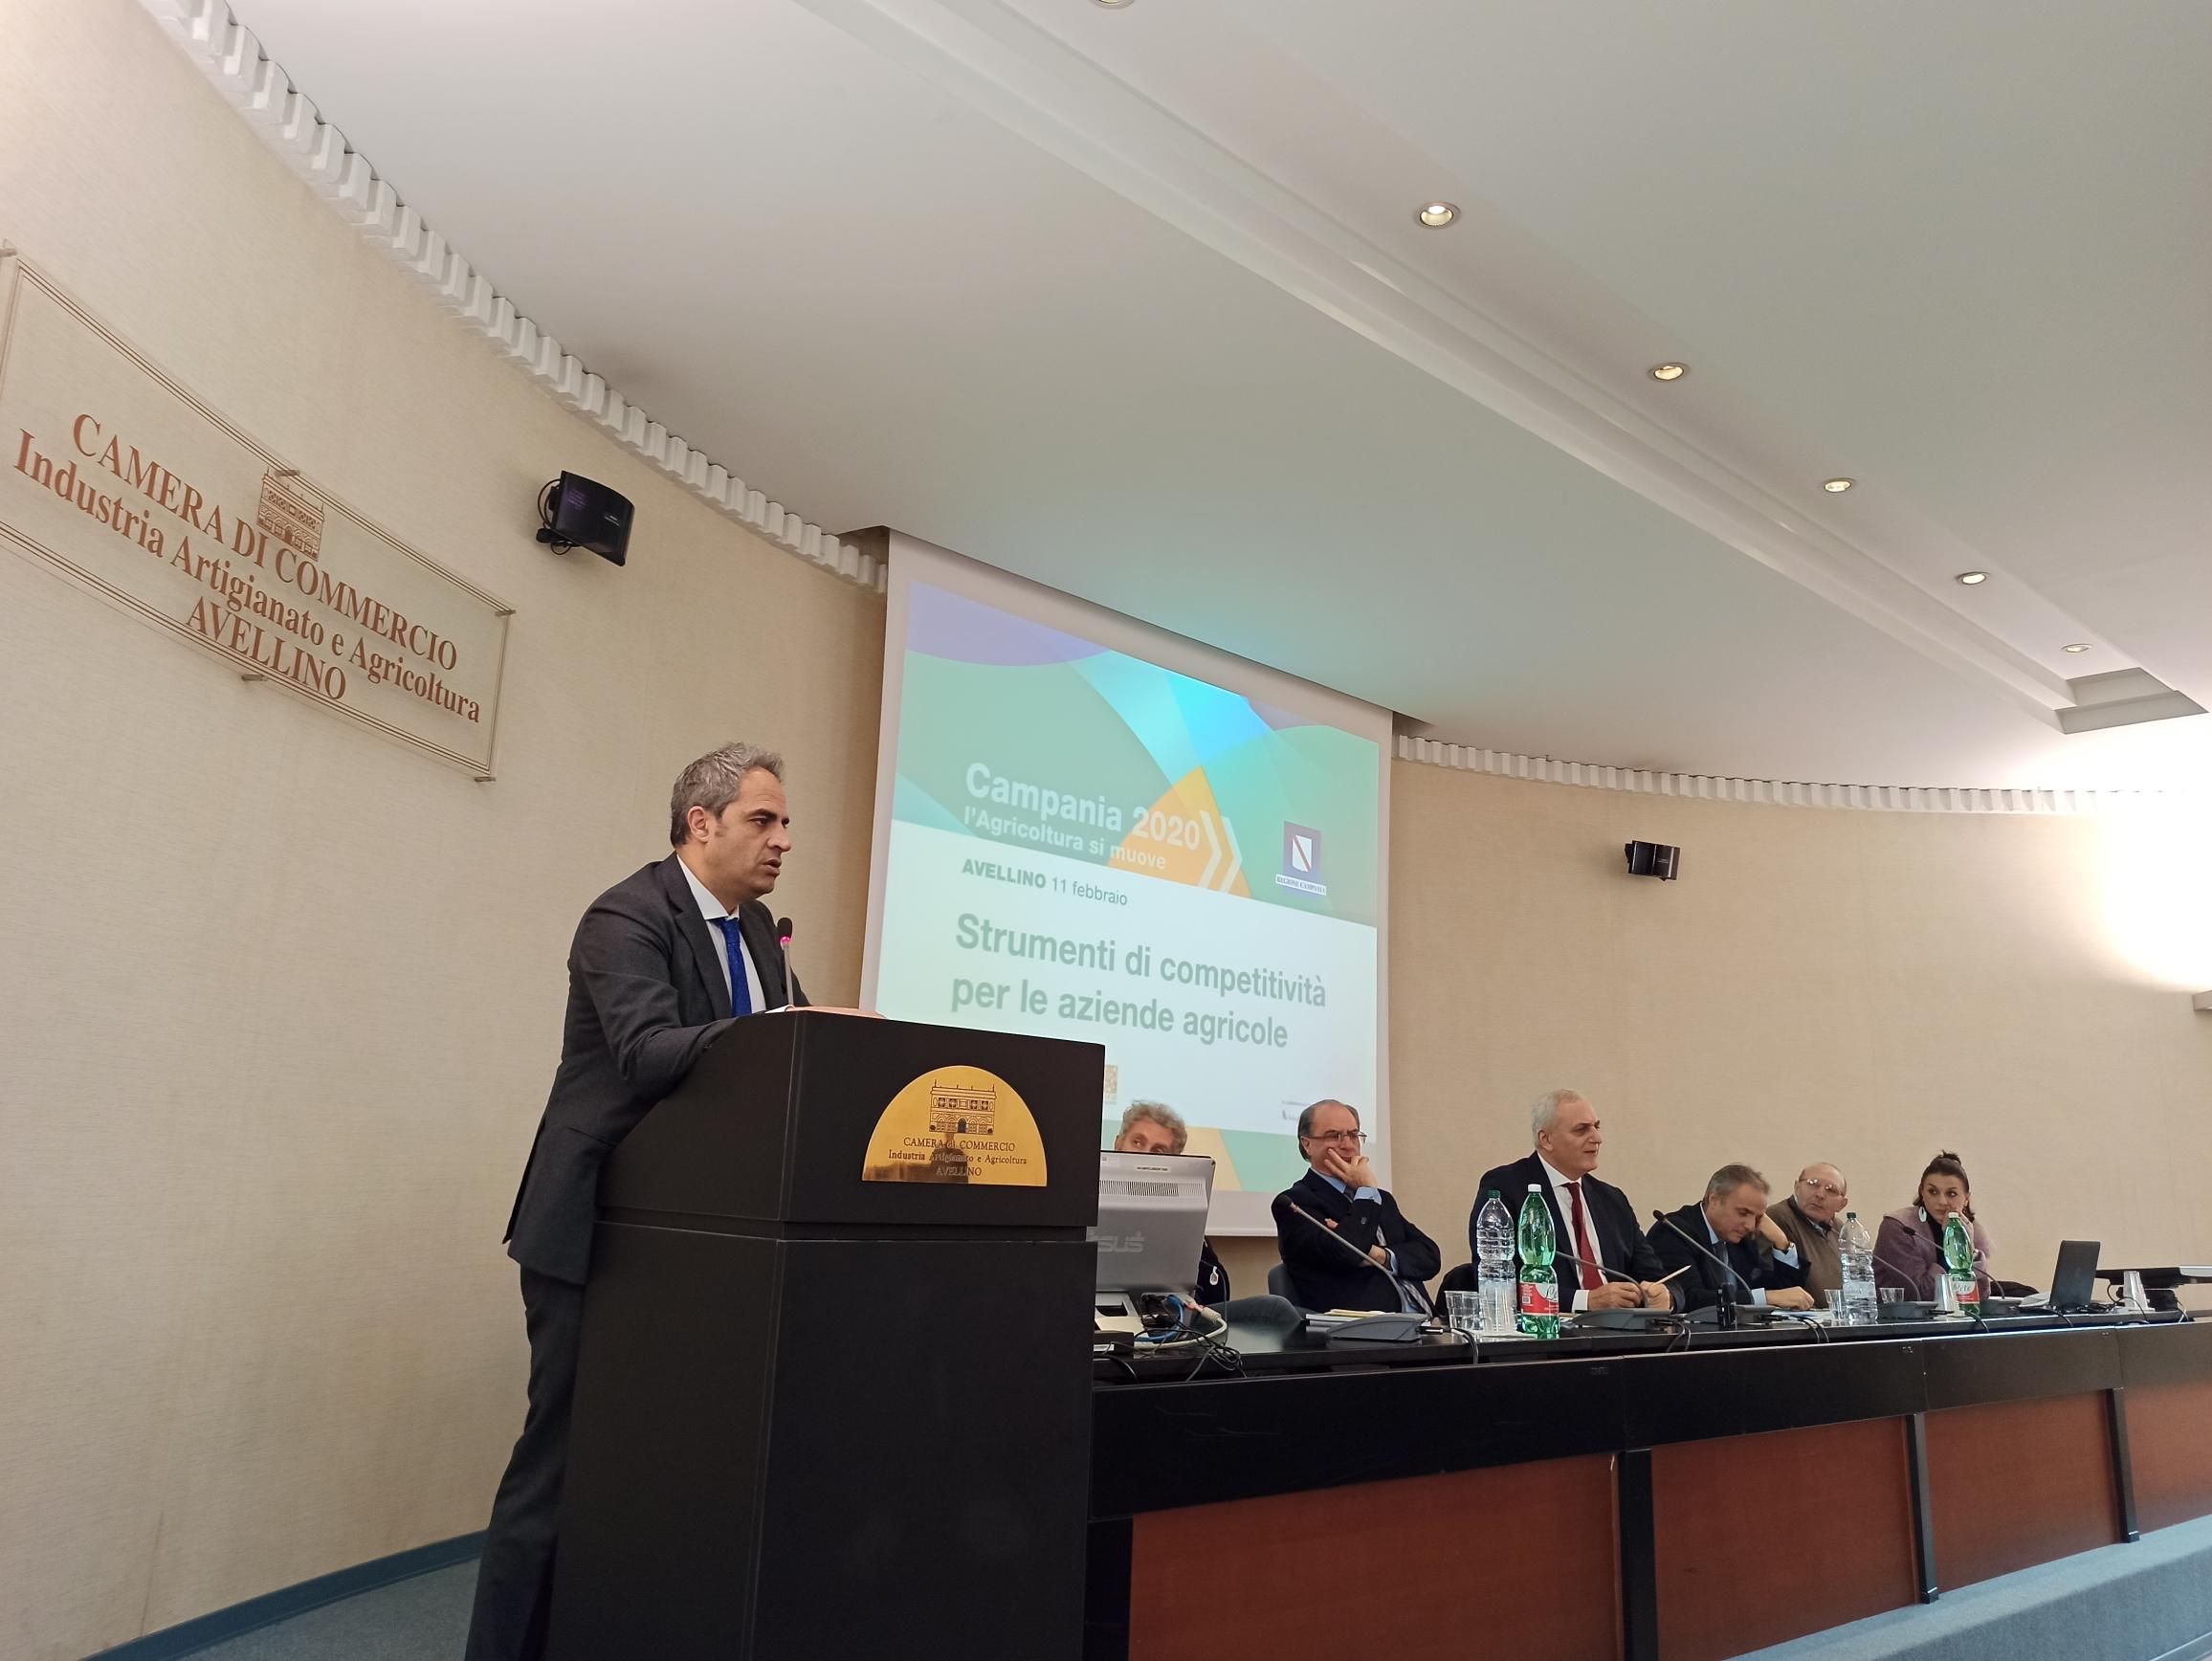 Chiuso l'iter per l'individuazione dei Distretti Rurali, Petracca: bene l'Irpinia, premiato lavoro sul territorio